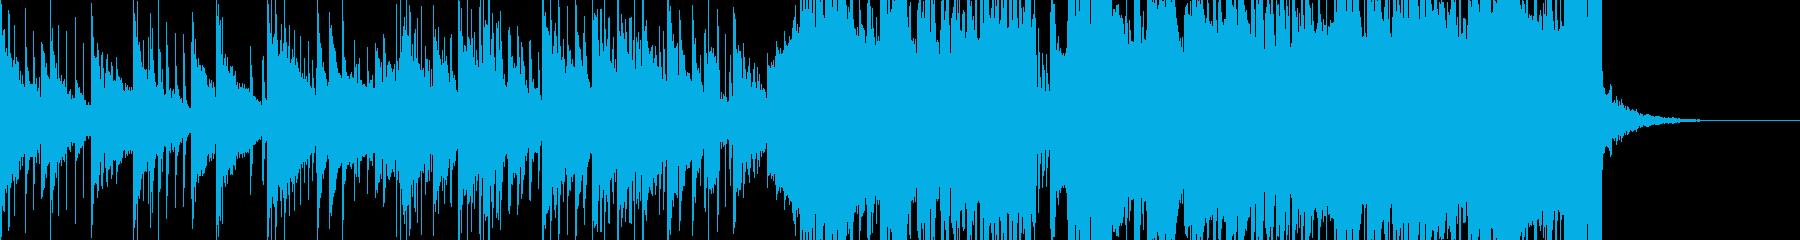 エモーショナルな展開のCMに合う曲の再生済みの波形